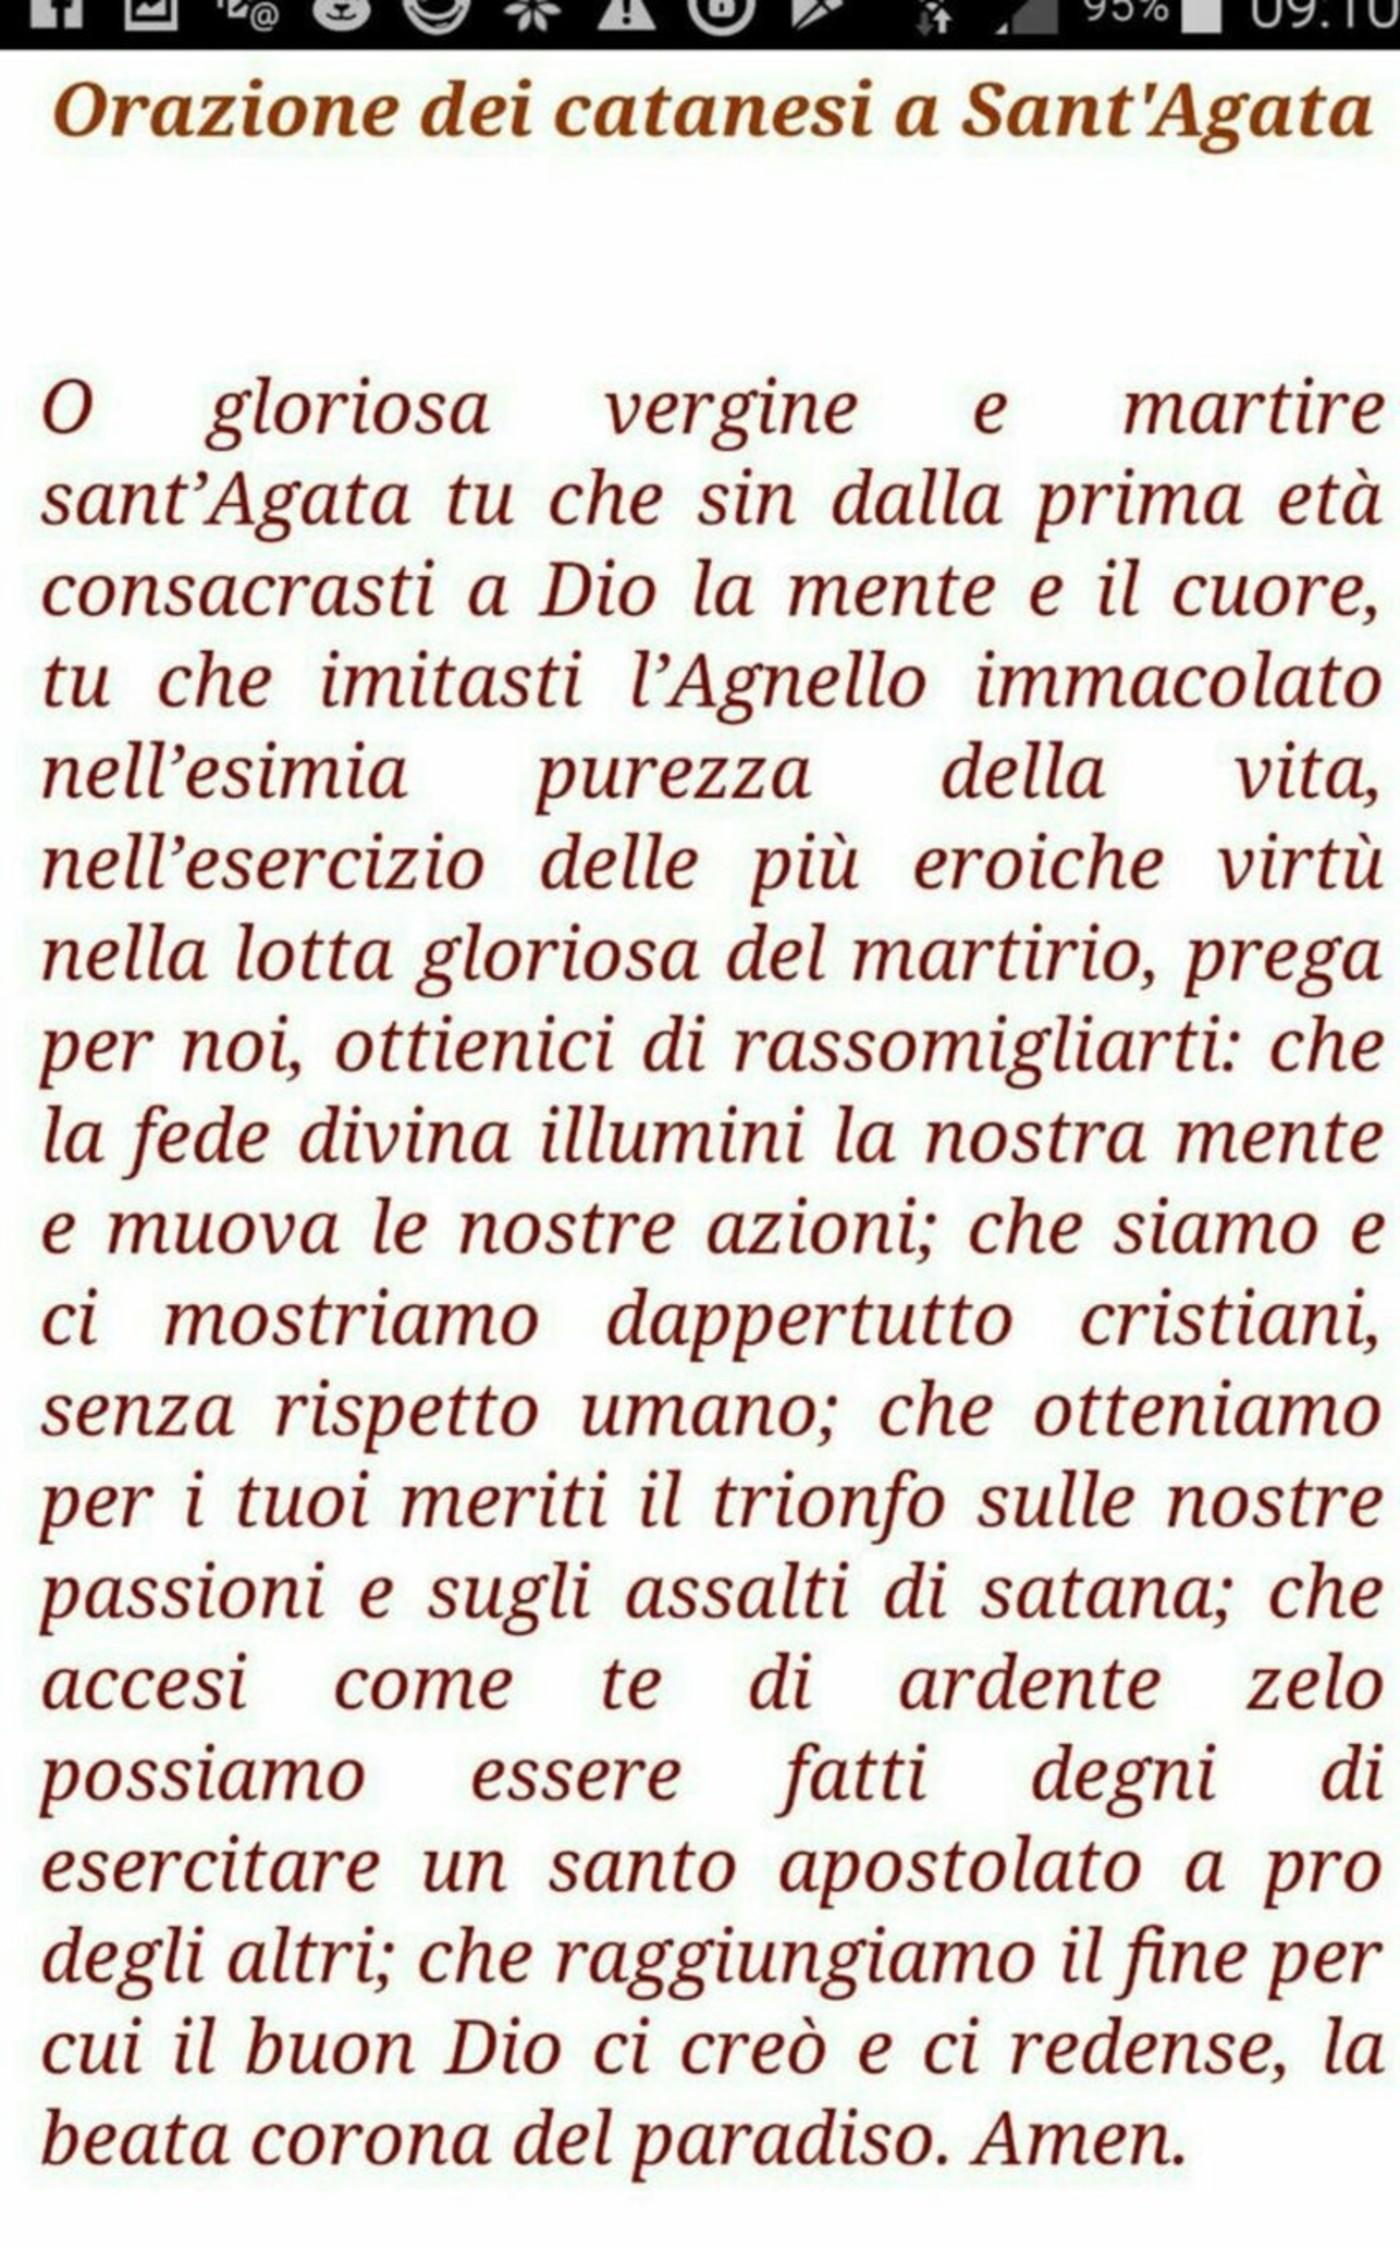 Orazione dei catanesi a Sant'Agata